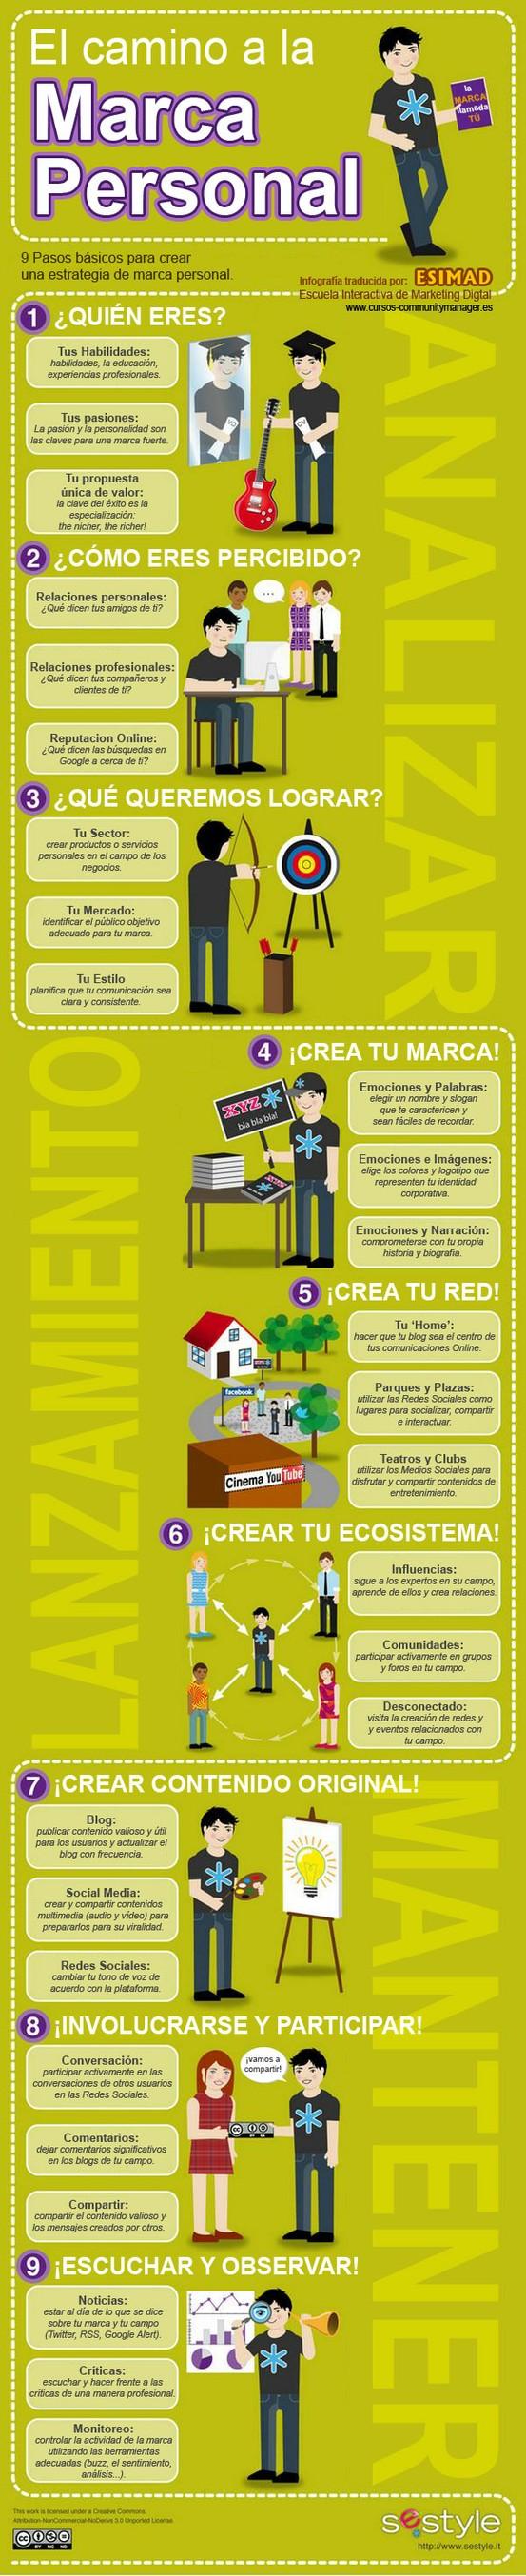 infografia-marca-personal